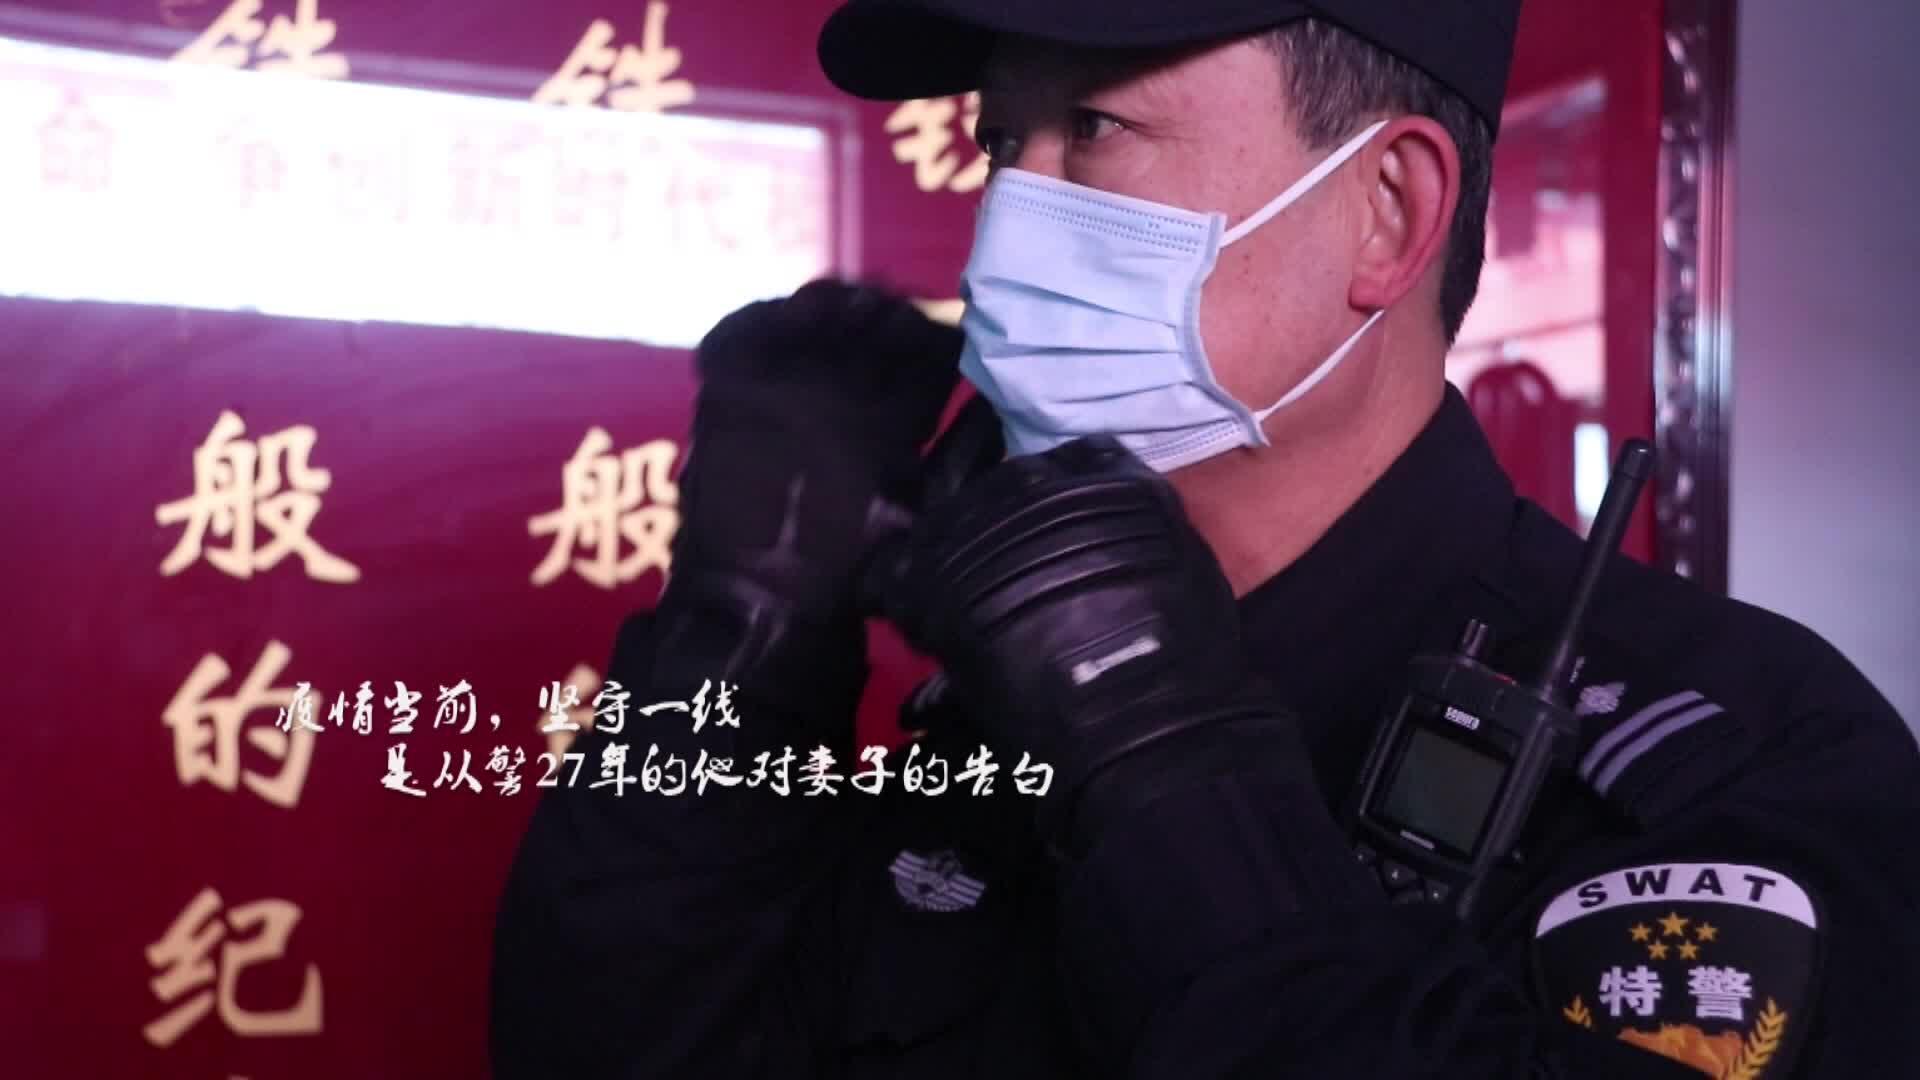 """【疫情之下有真情】《我们同舟共济》——谨以此片献给战""""疫""""中的警医家庭"""